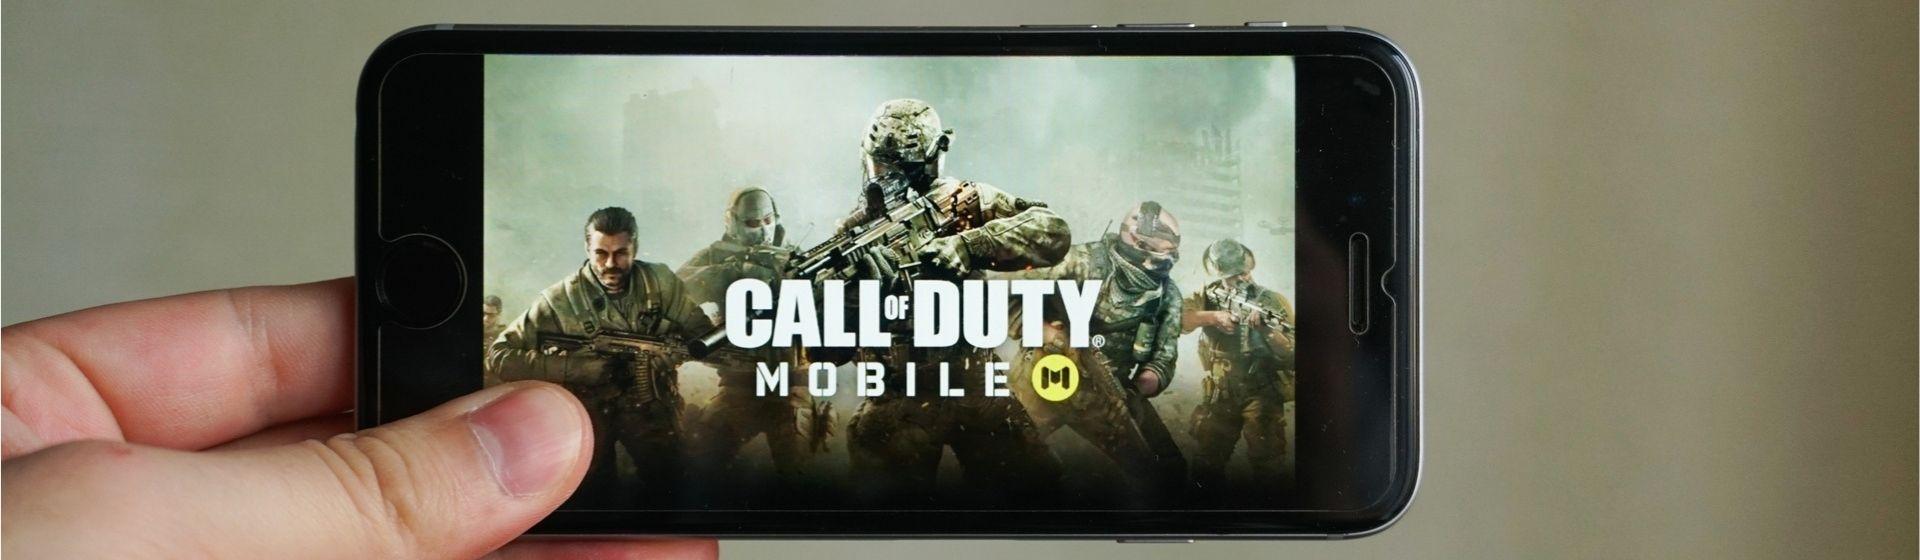 Call of Duty Mobile: tudo sobre o jogo para celular